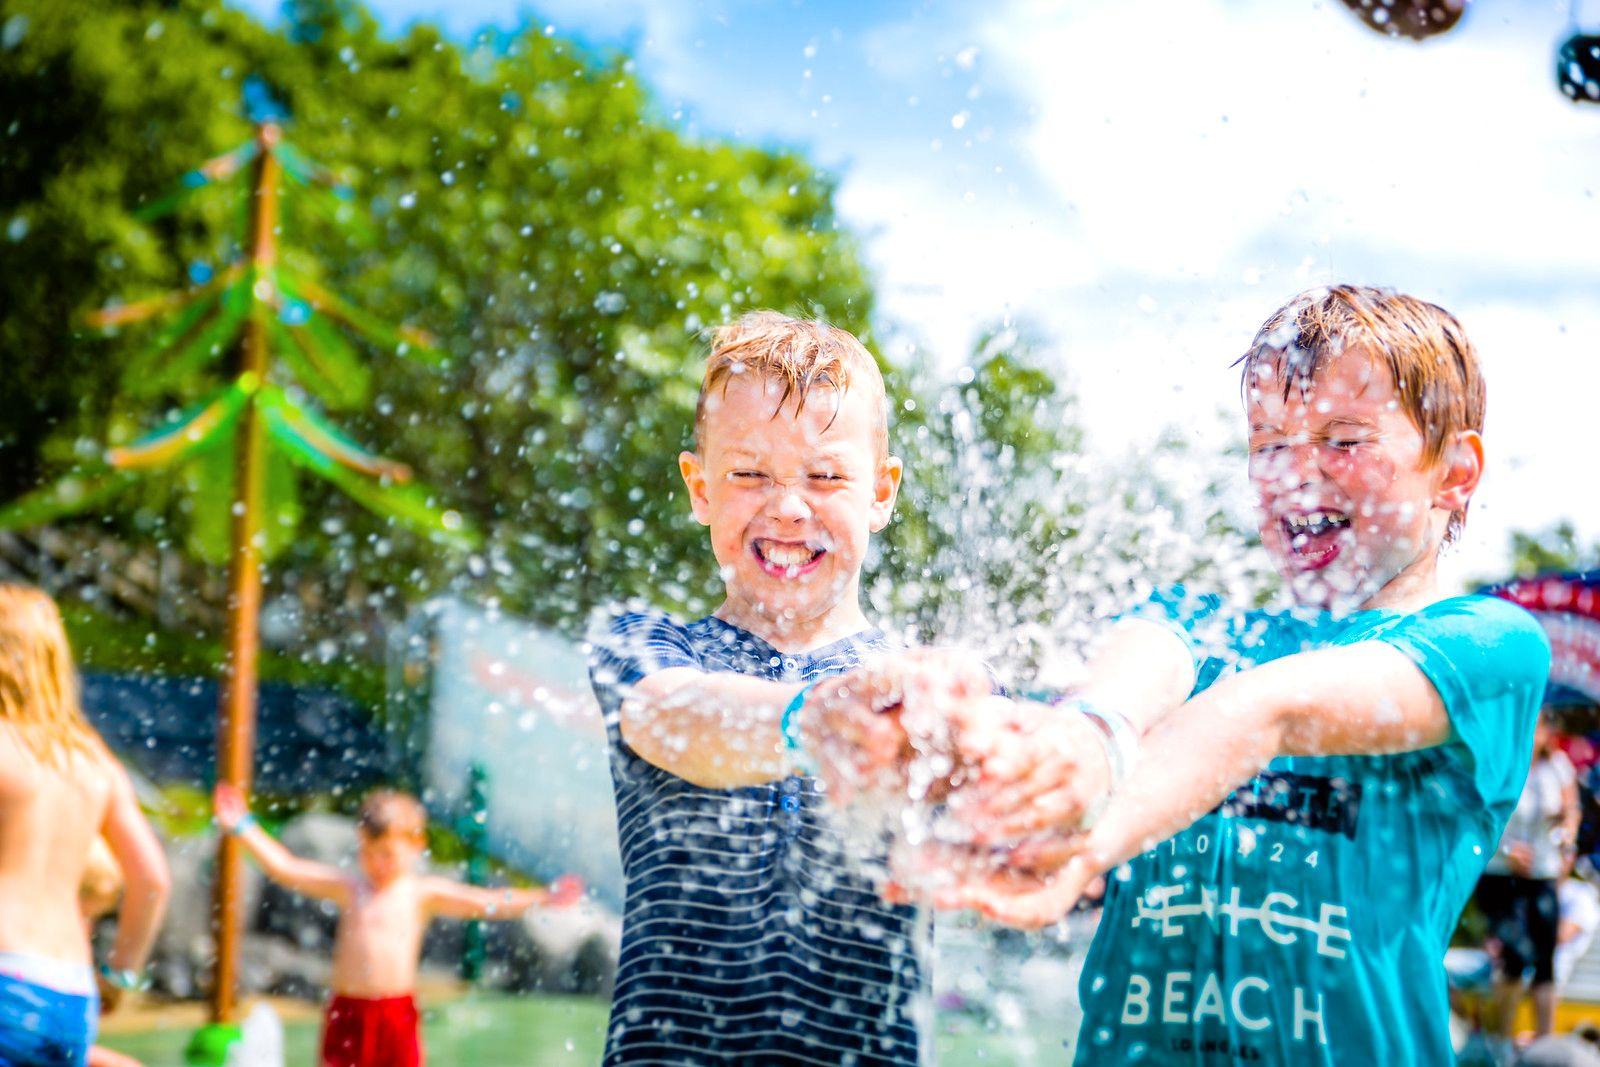 Vann-vittig moro: Den nye vannlek-parken i Kongeparken.